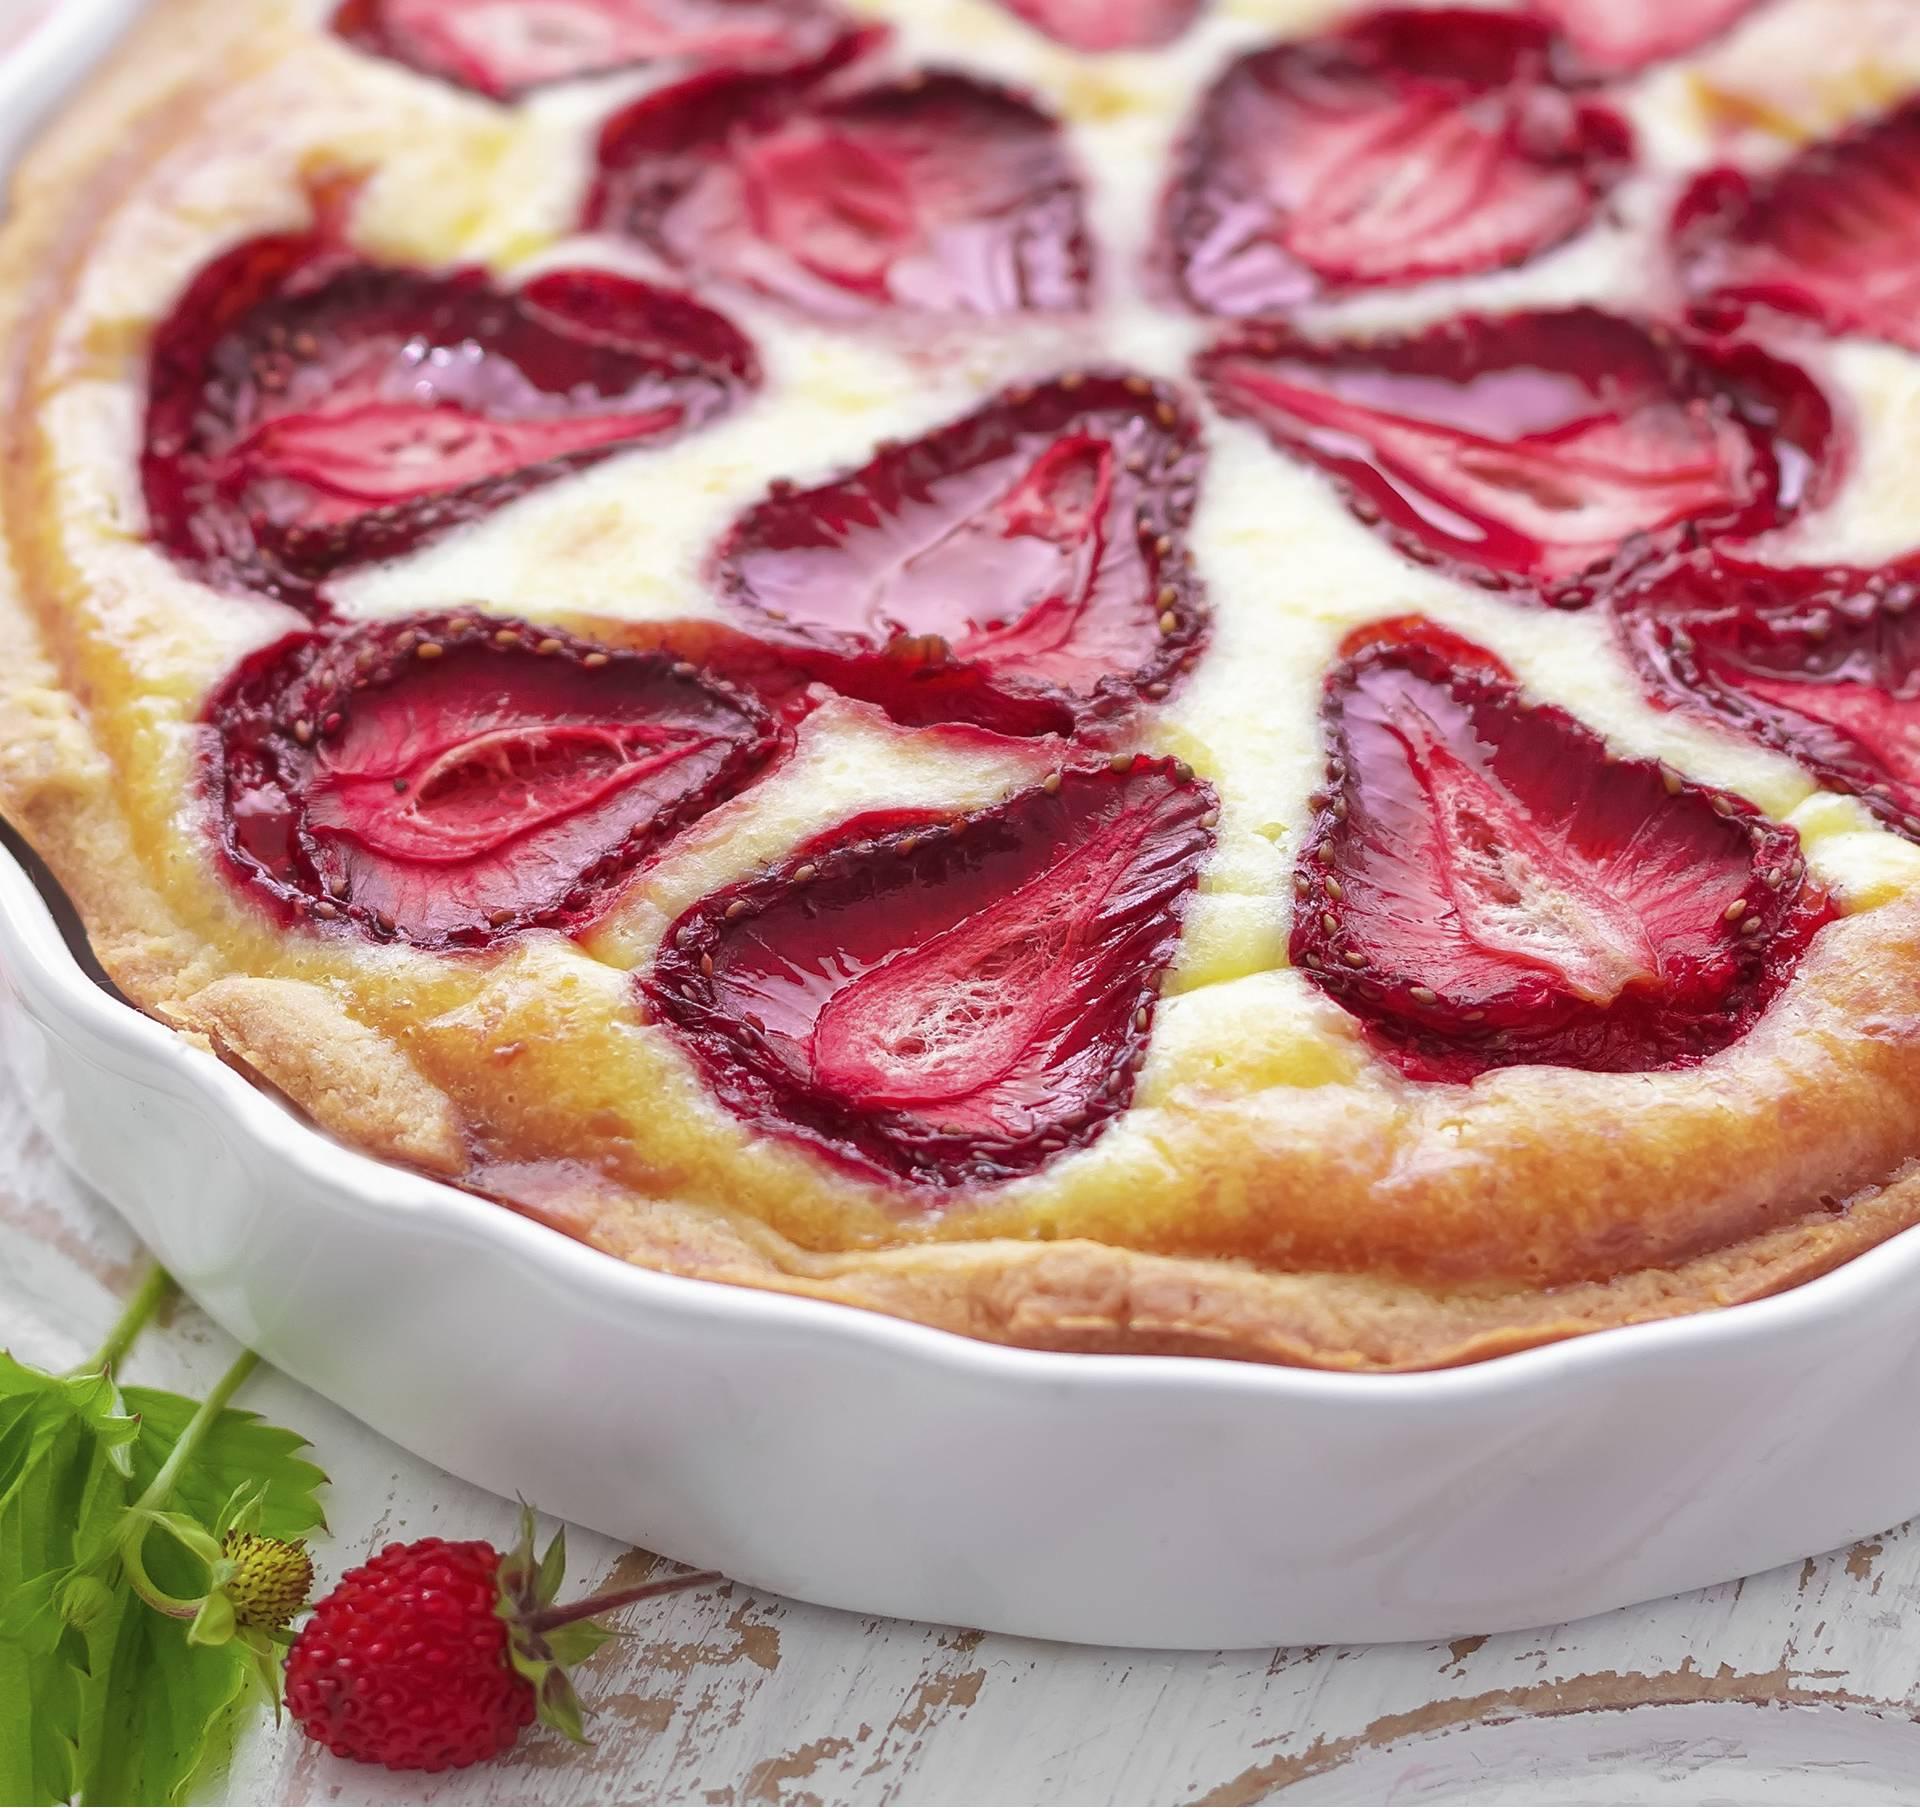 Napravite finu pitu s jogurtom, limunom i jagodama - lako je